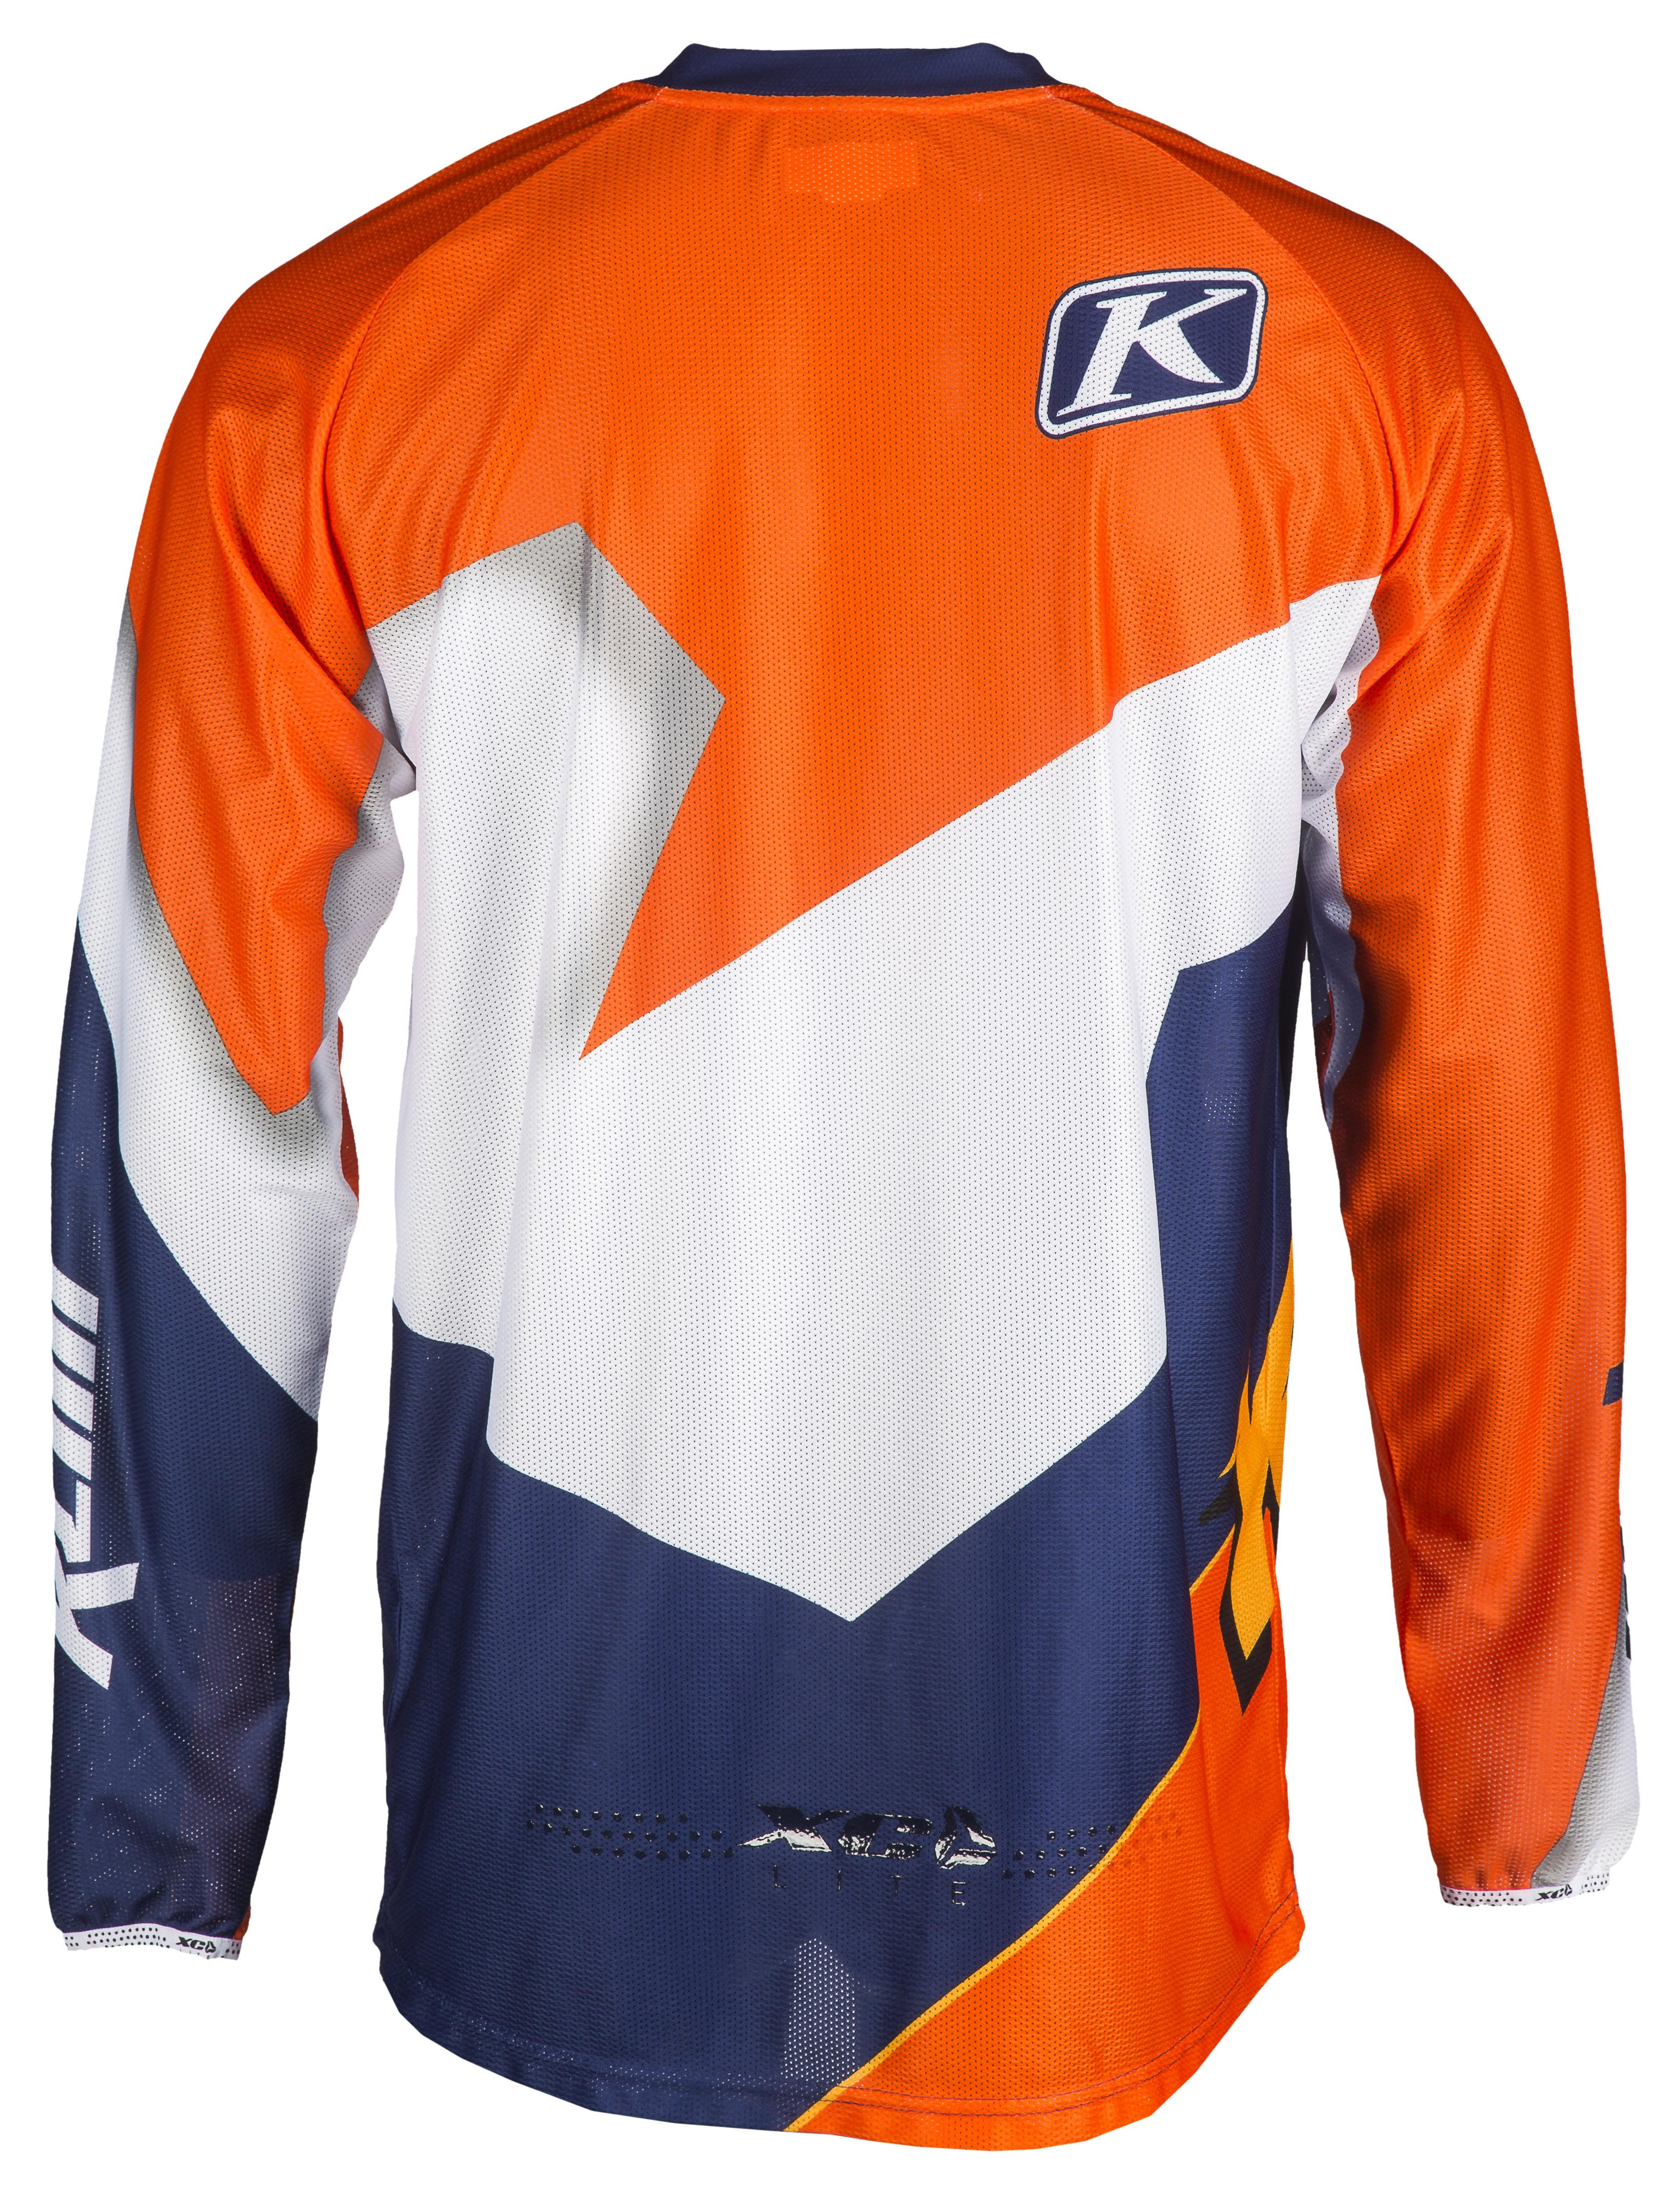 XC LITE Jersey 5003-002-400 D1